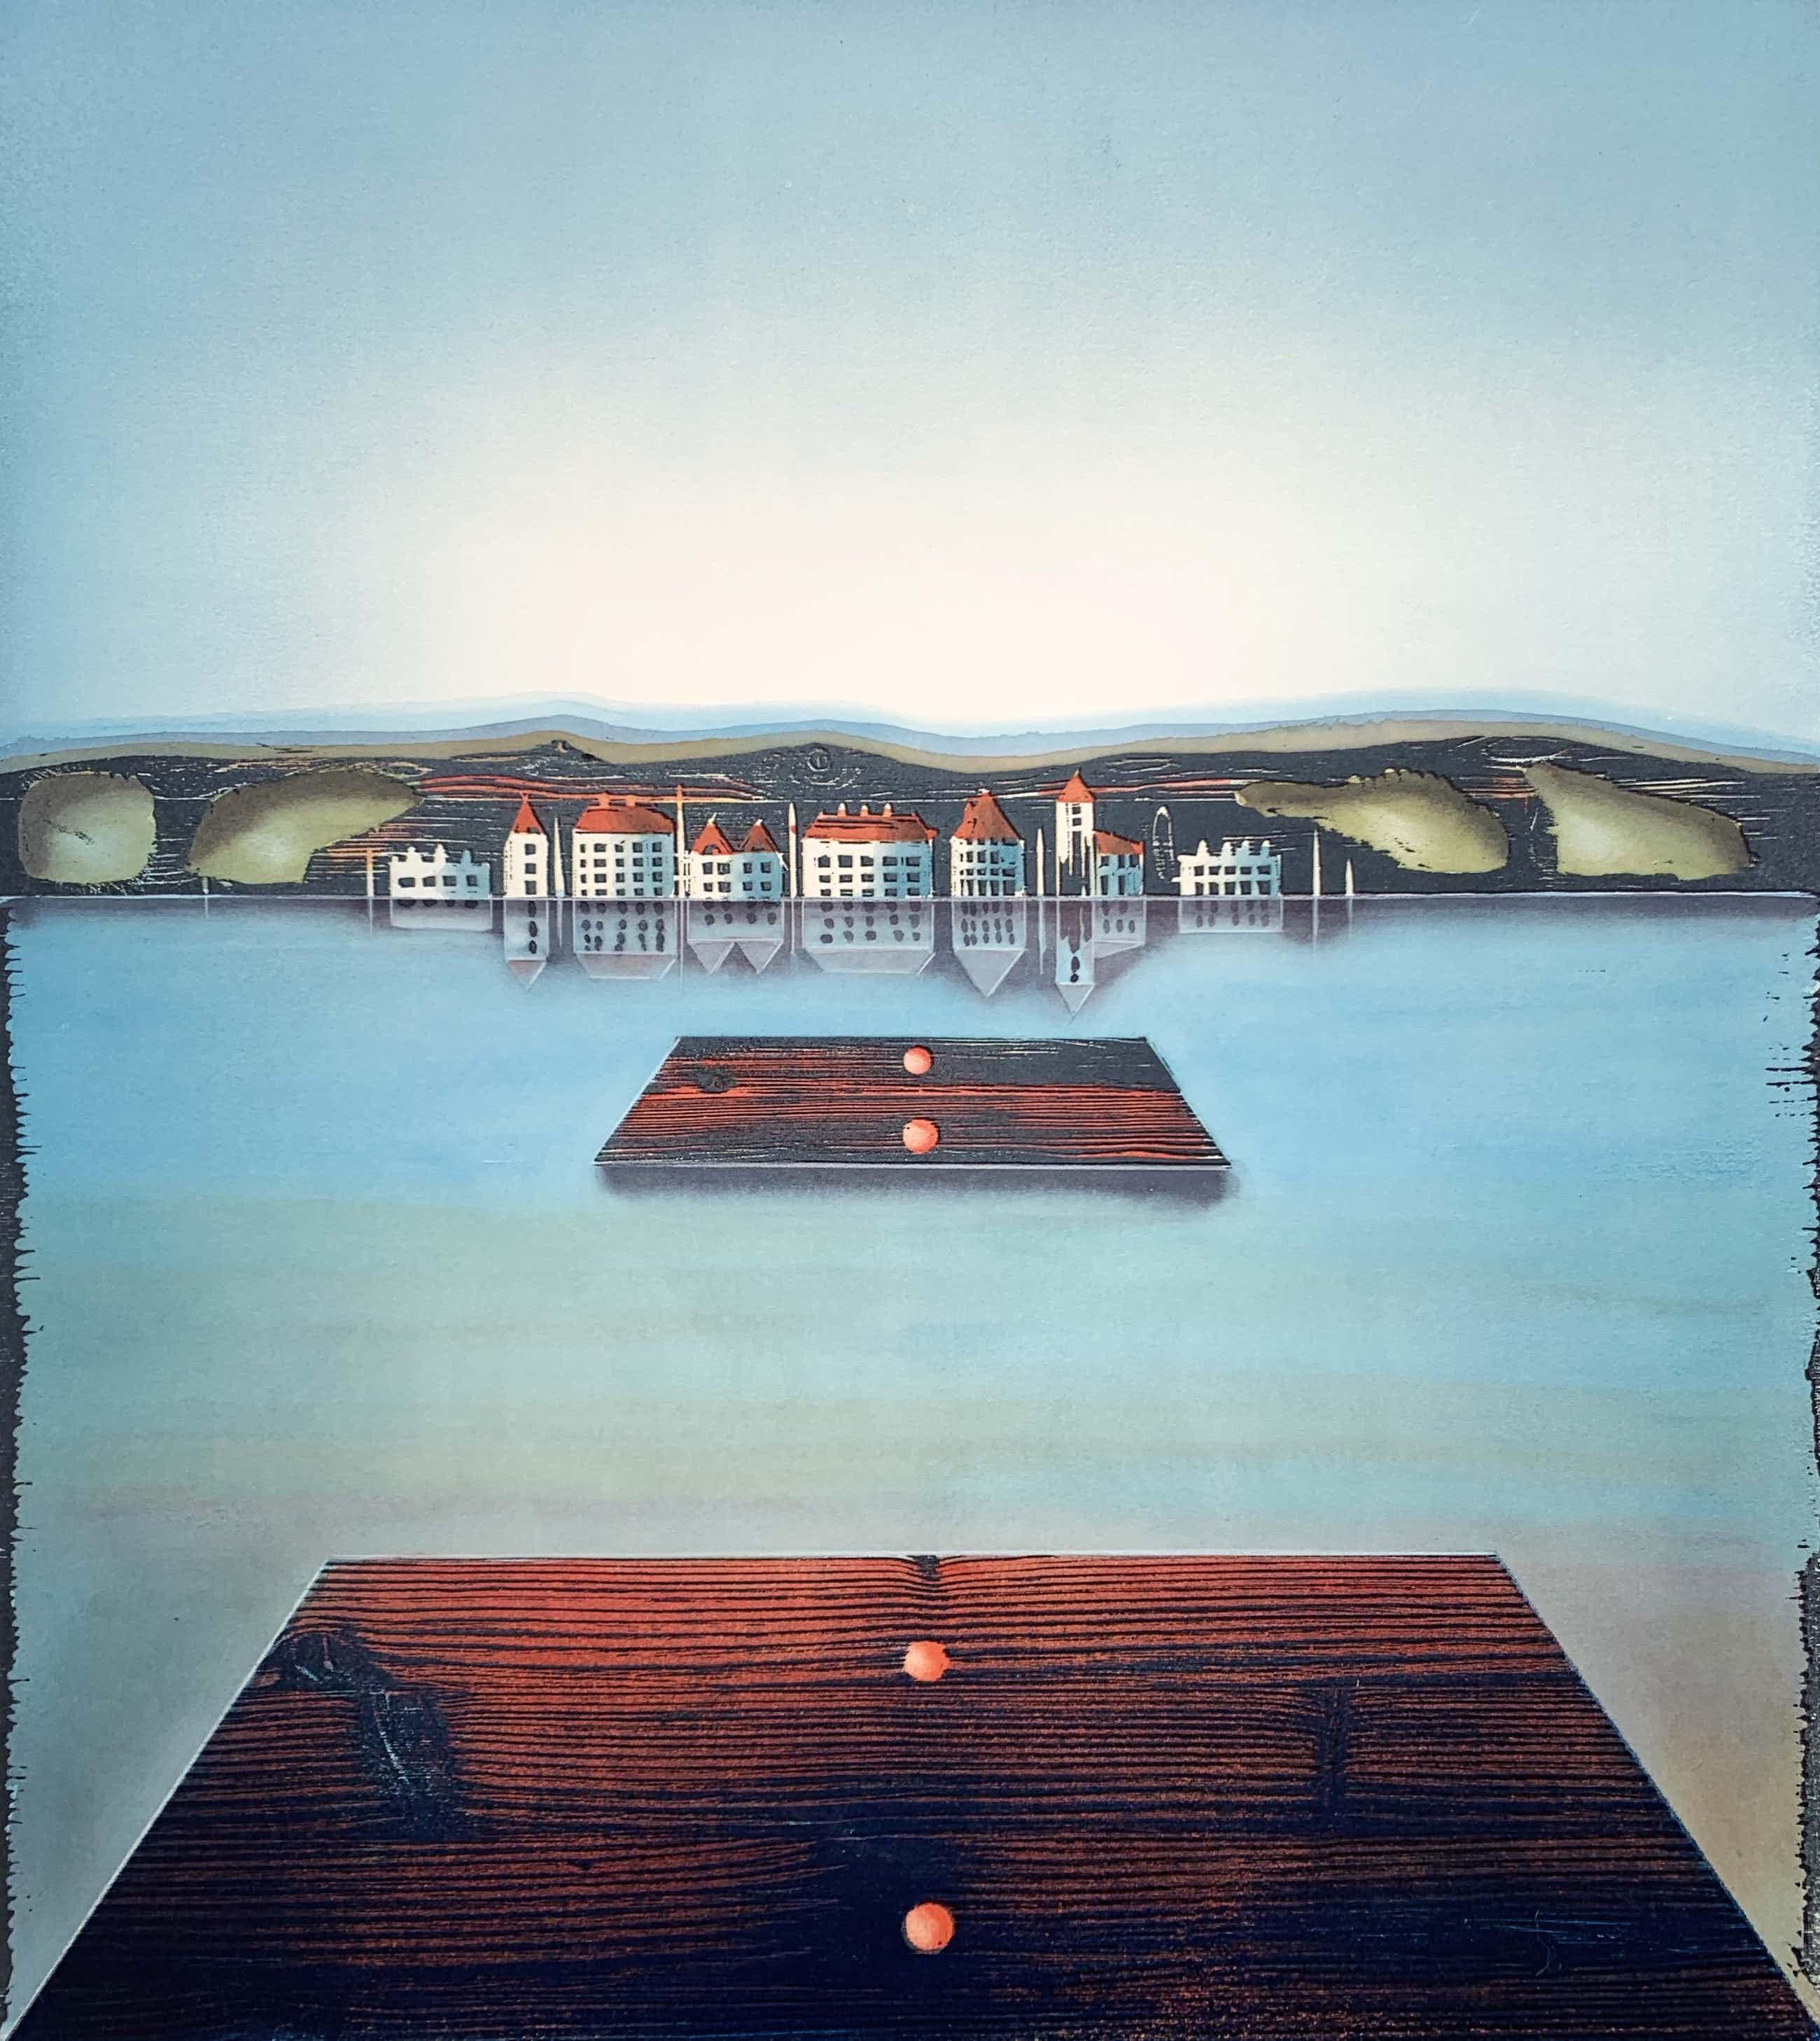 Willem de Vries - Houtsnede - 'Arrival' - 1999 (Kleine oplage) kopen? Bied vanaf 60!